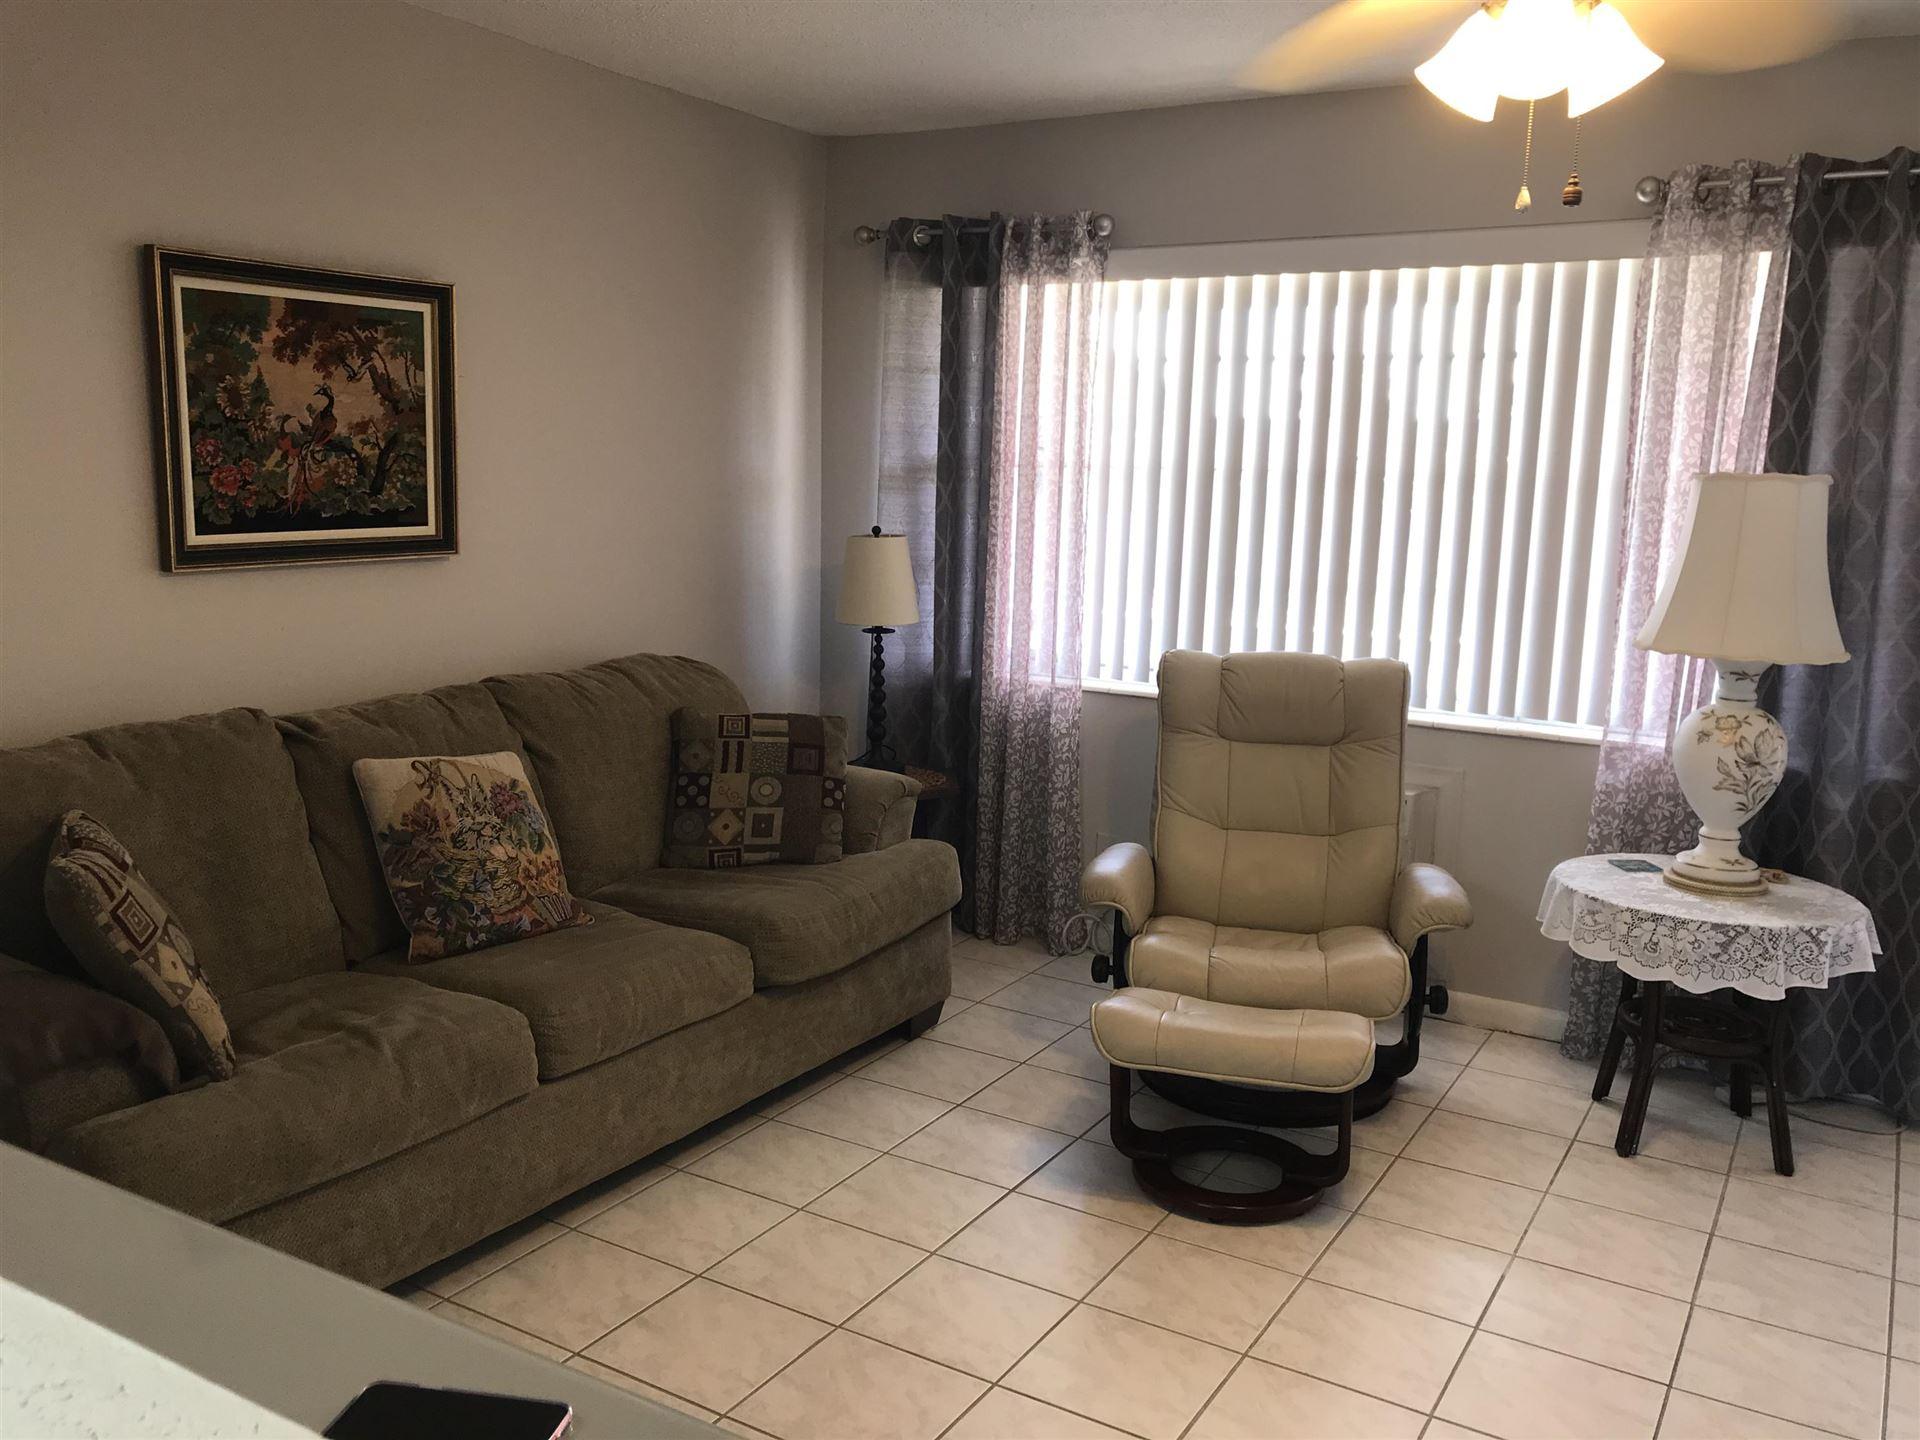 321 Windsor N, West Palm Beach, FL 33417 - MLS#: RX-10695451